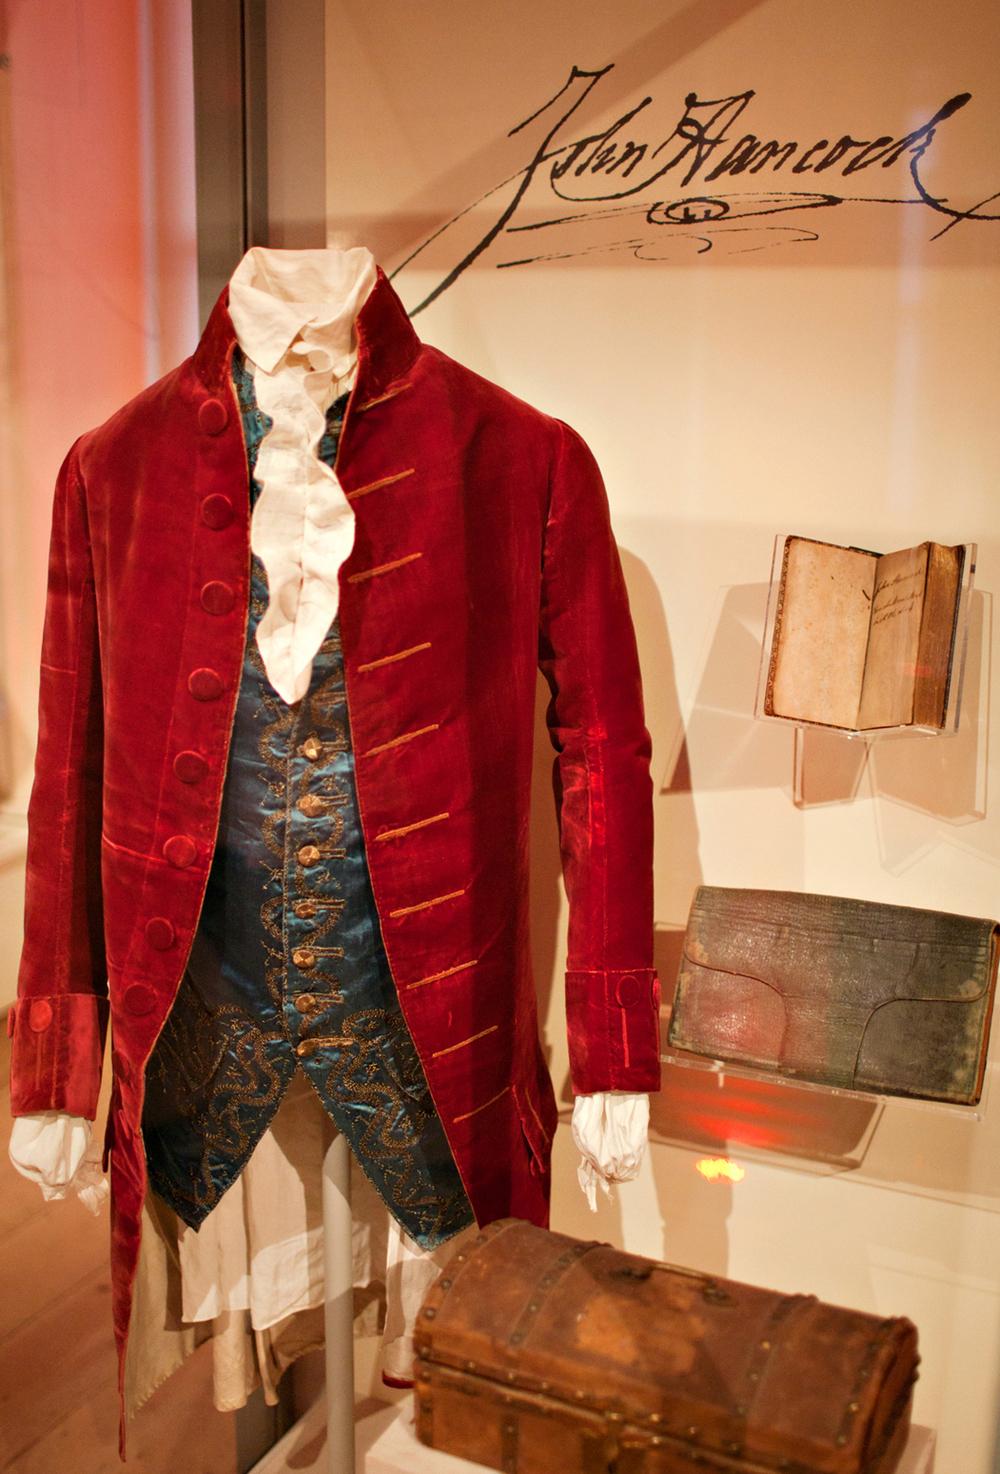 John Hancock's Coat